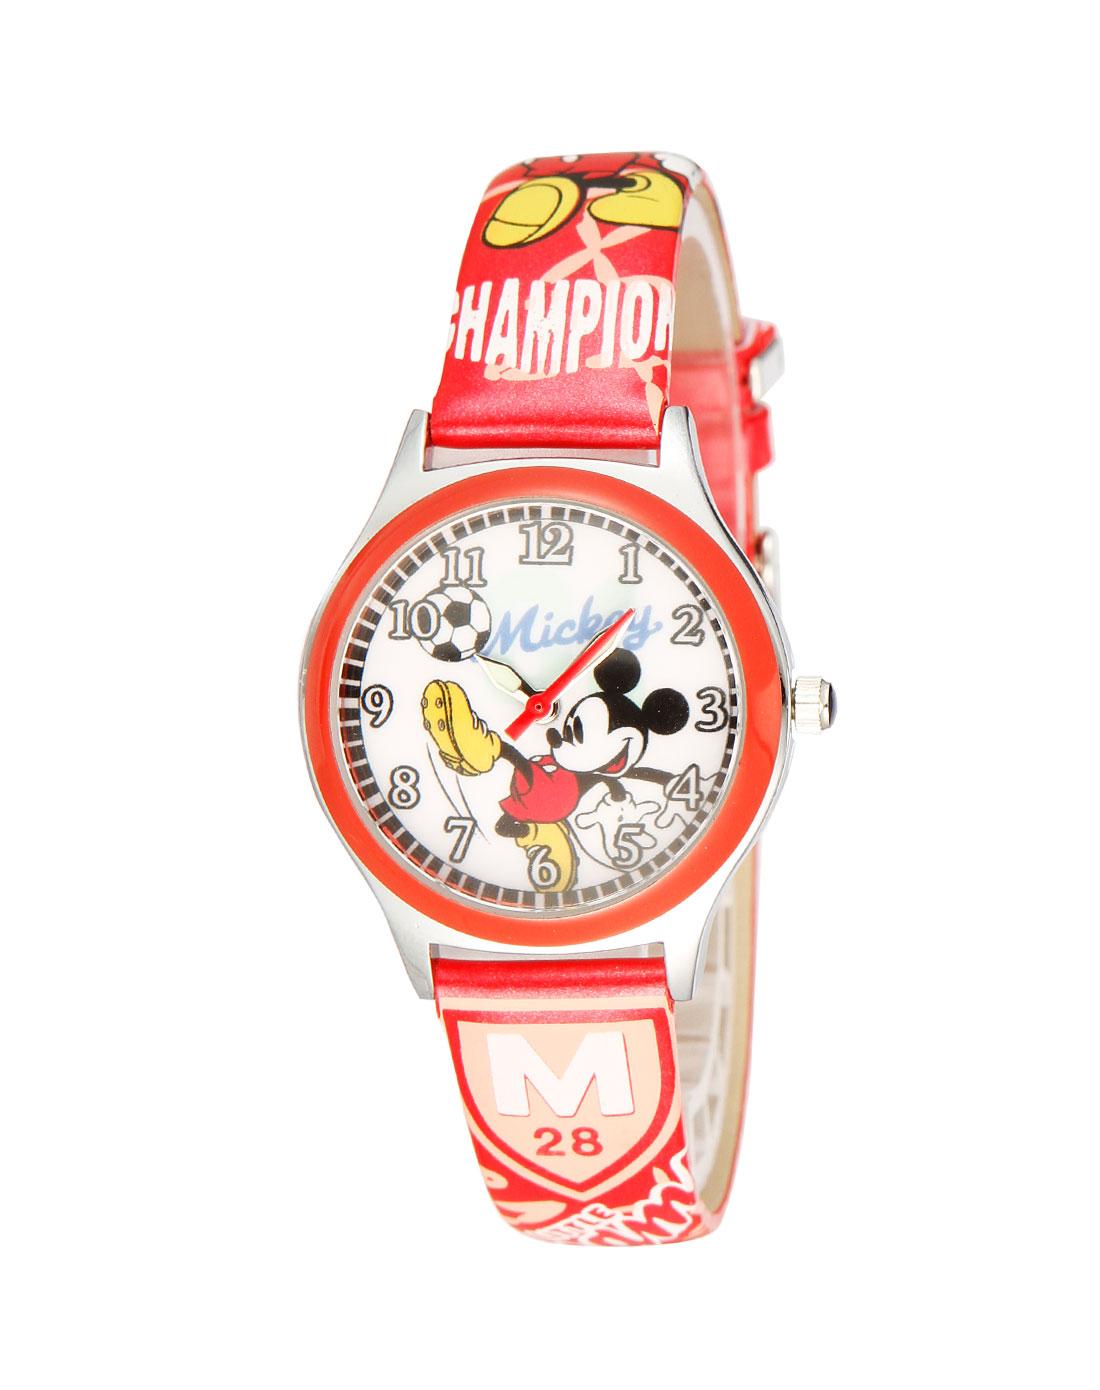 米奇白/红色儿童手表